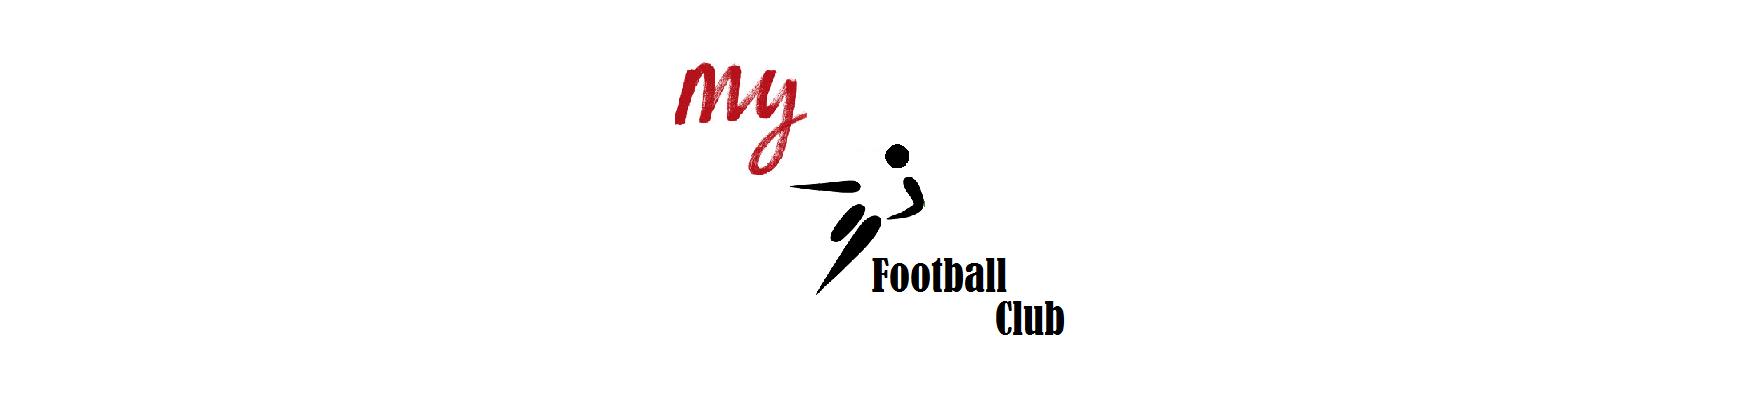 My Football Club